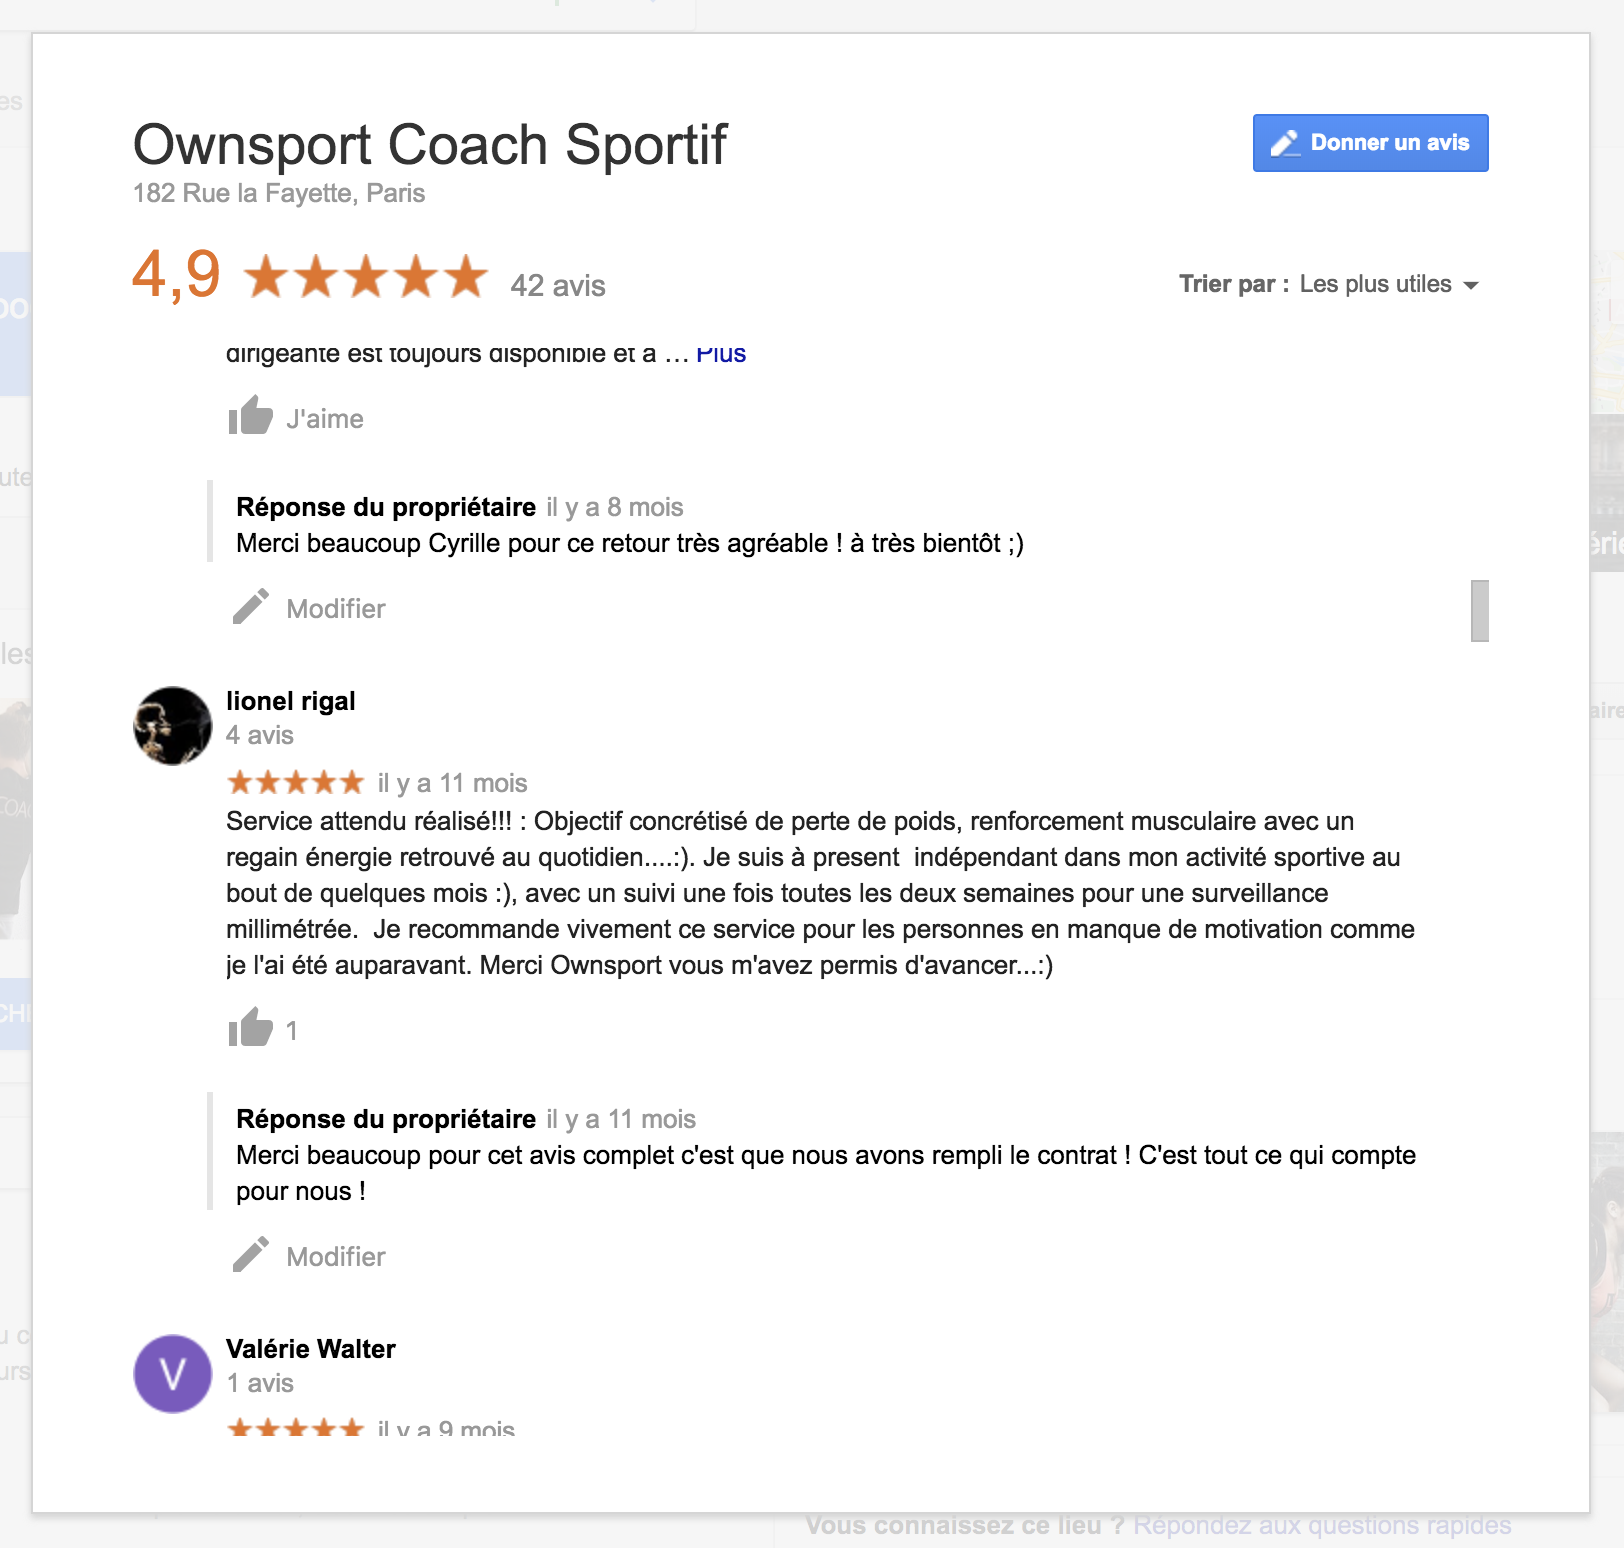 clients satisfait de leur coaching sportif avis google